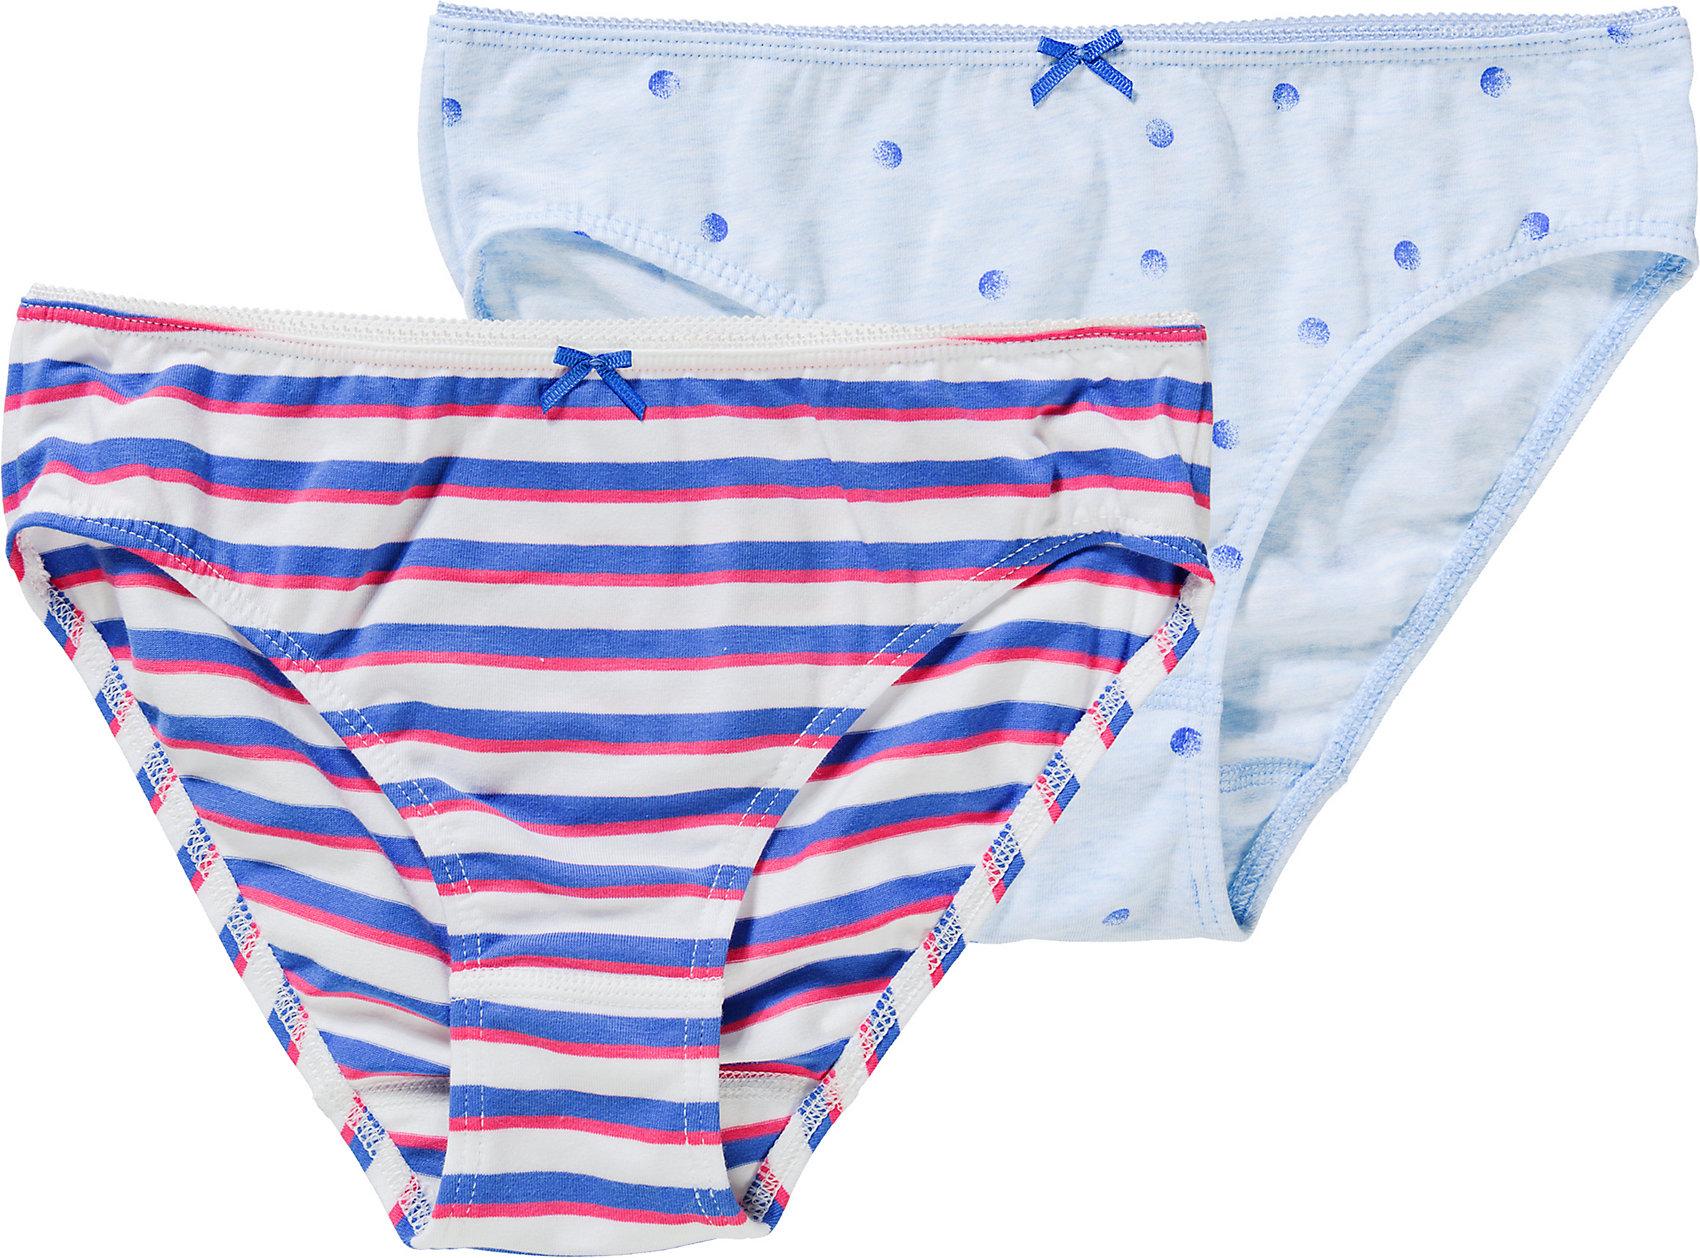 Doppelpack 14072571 für Mädchen blau Neu Sanetta Slip für Mädchen